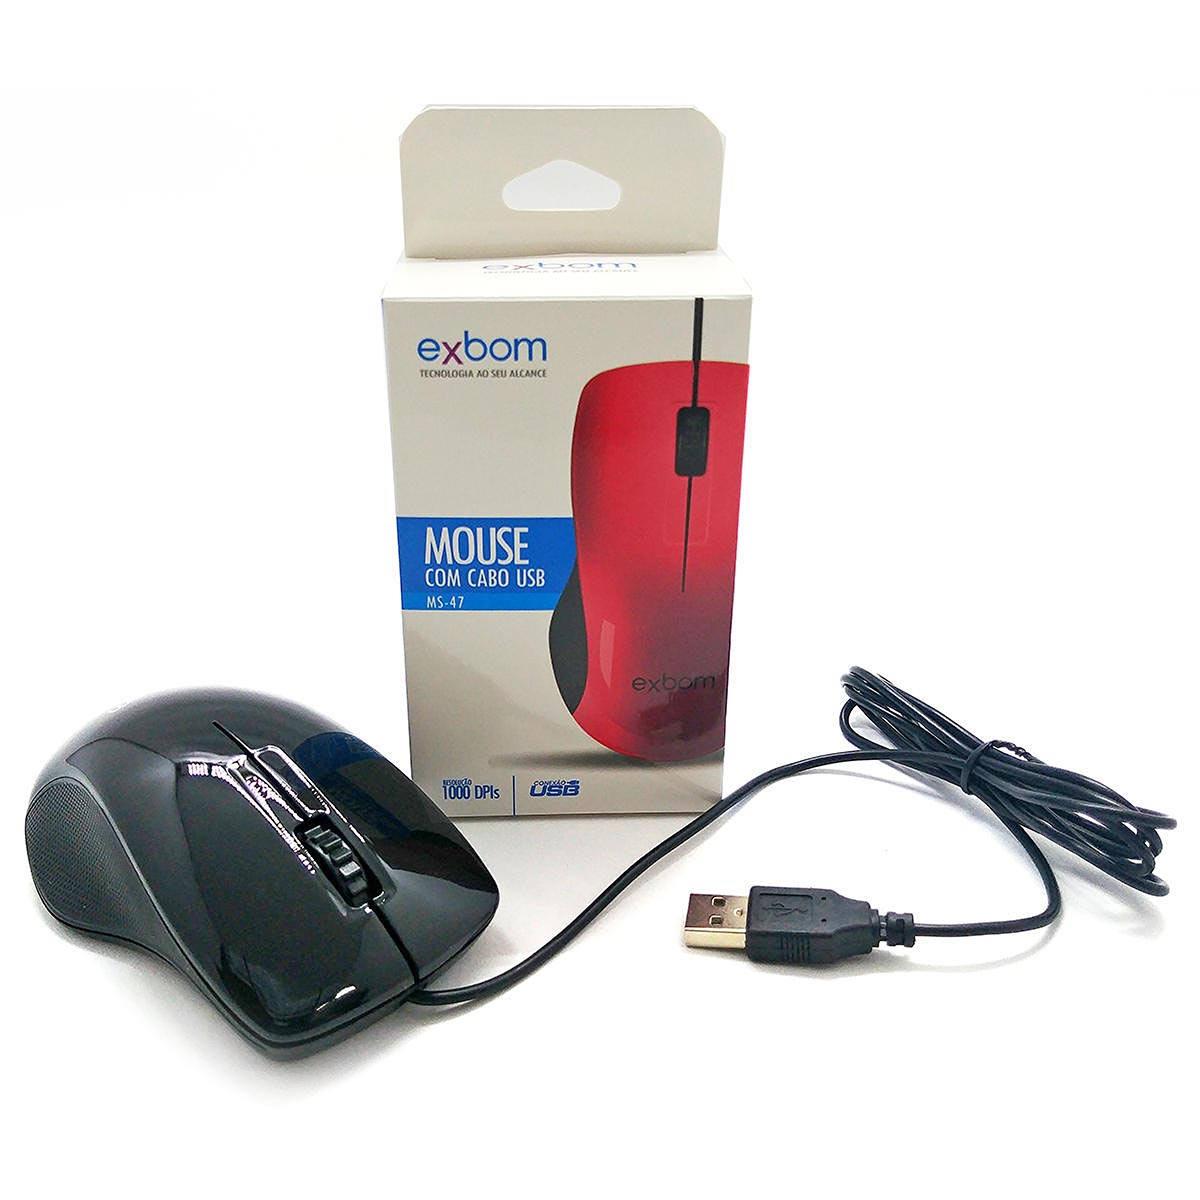 Mouse com cabo USB 1000DPIs Exbom MS-47 Preto com Acabamento Brilhante